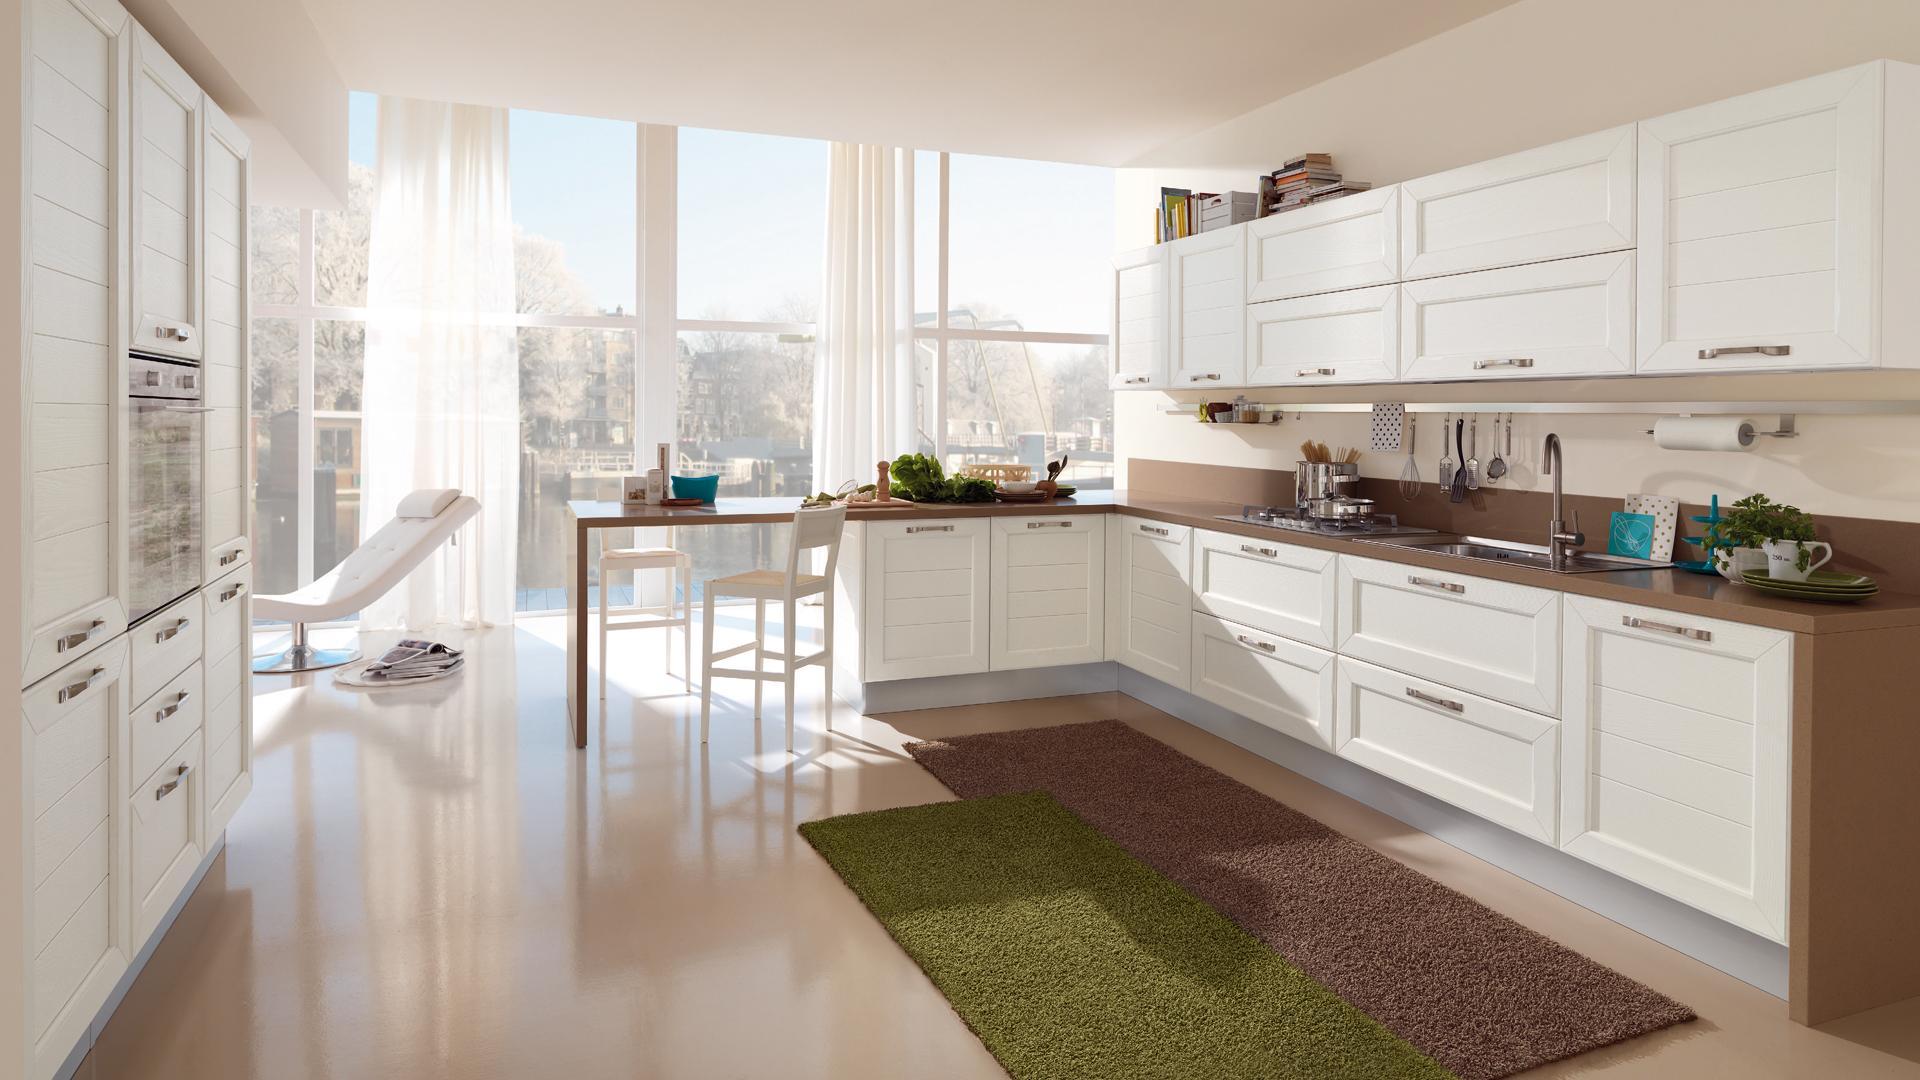 Cucine Lube ad angolo, i suggerimenti per arredare - Lube ...